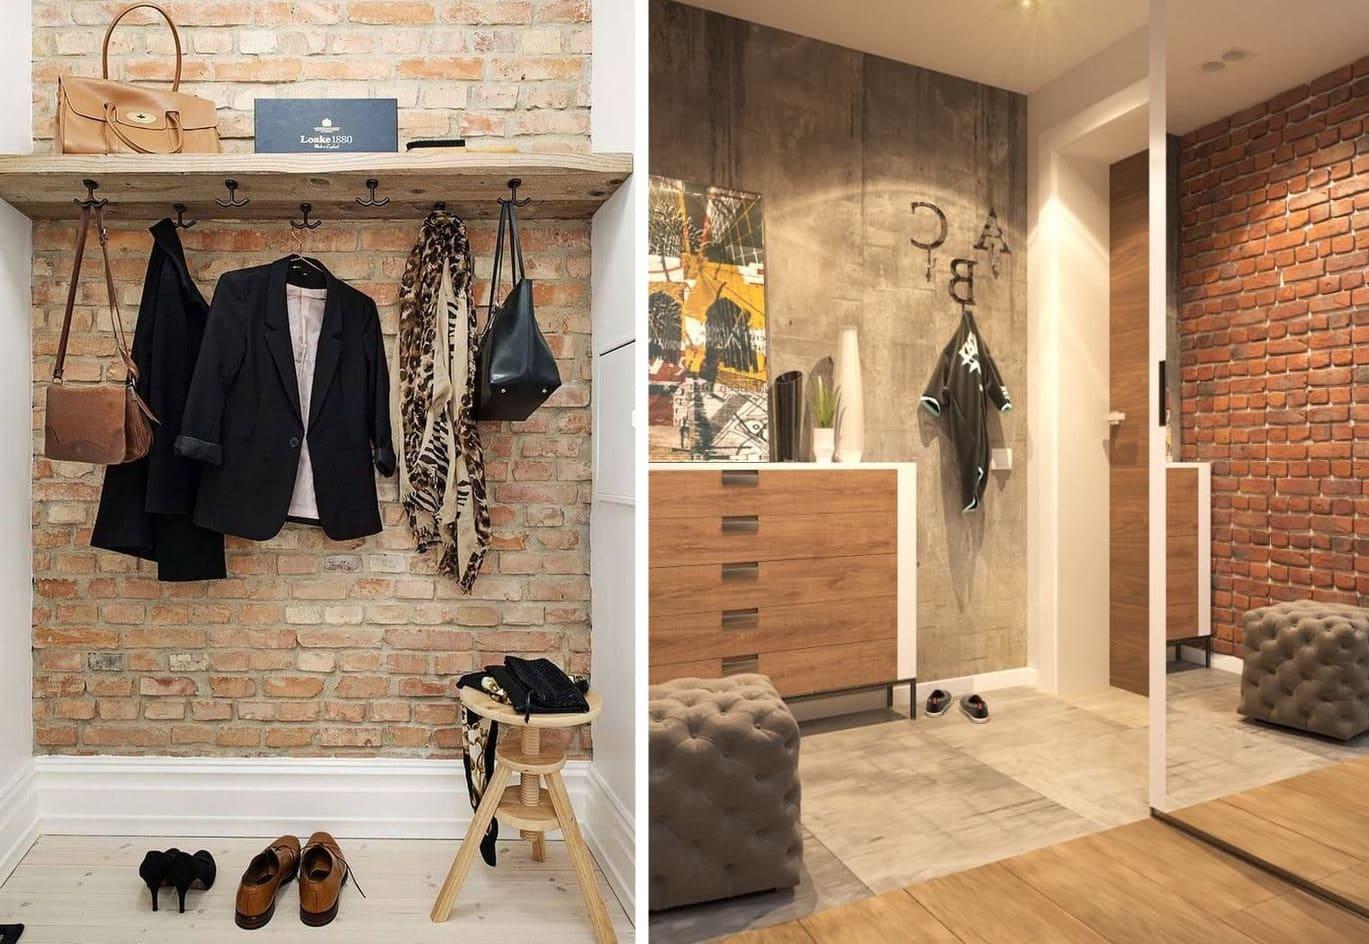 Couloir de style loft 2021